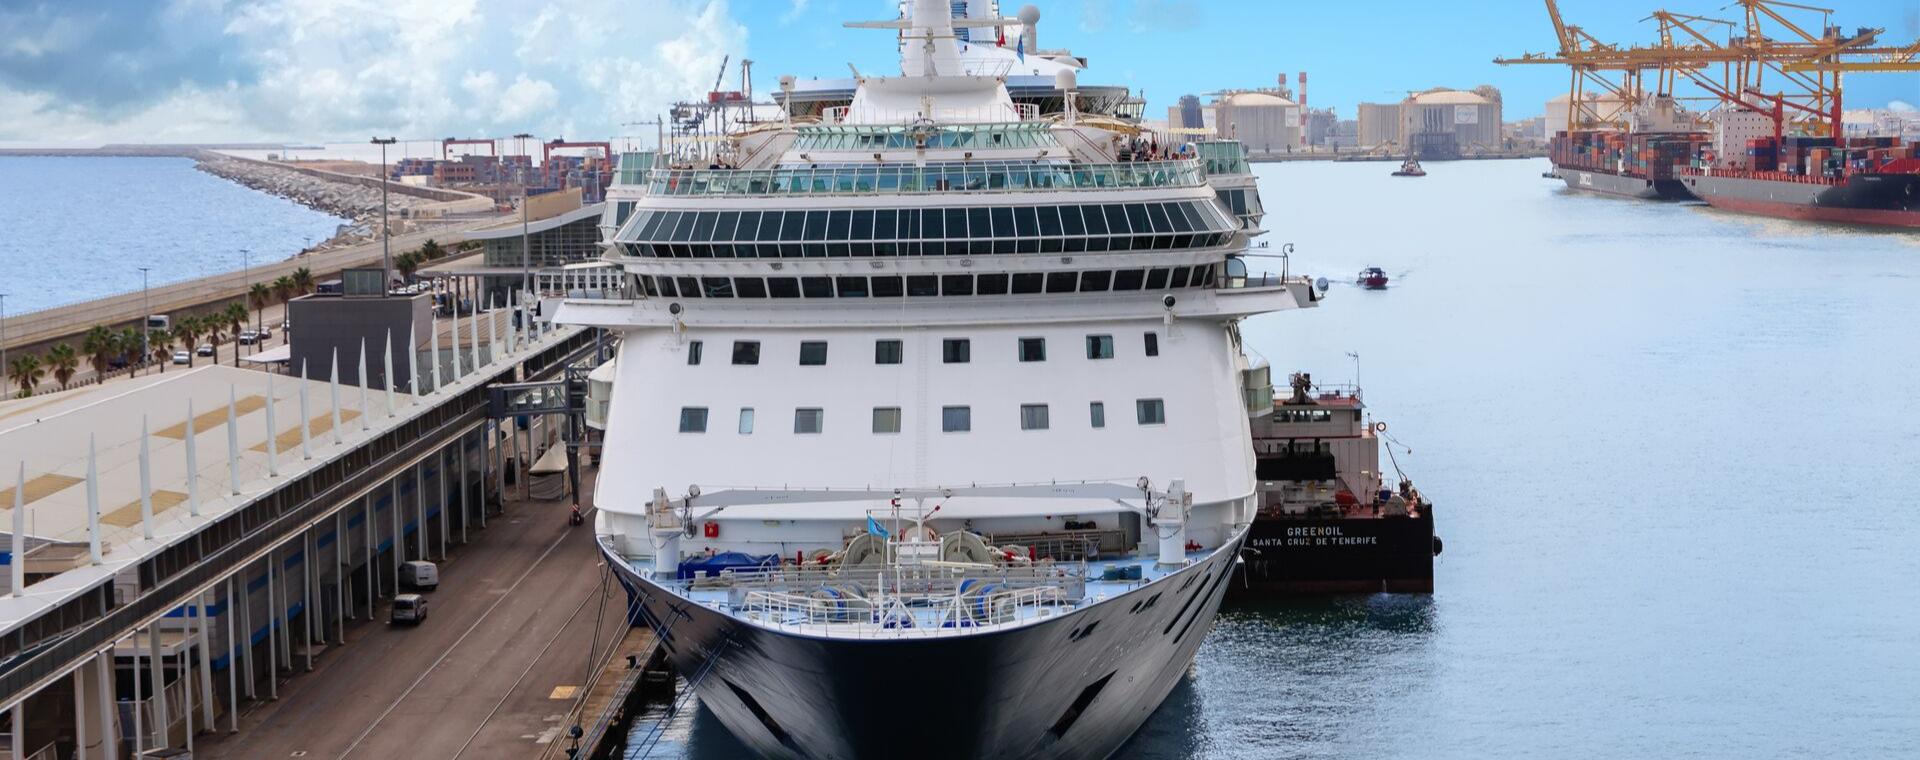 Quale il rapporto tra proprietà intellettuale e settore marittimo?